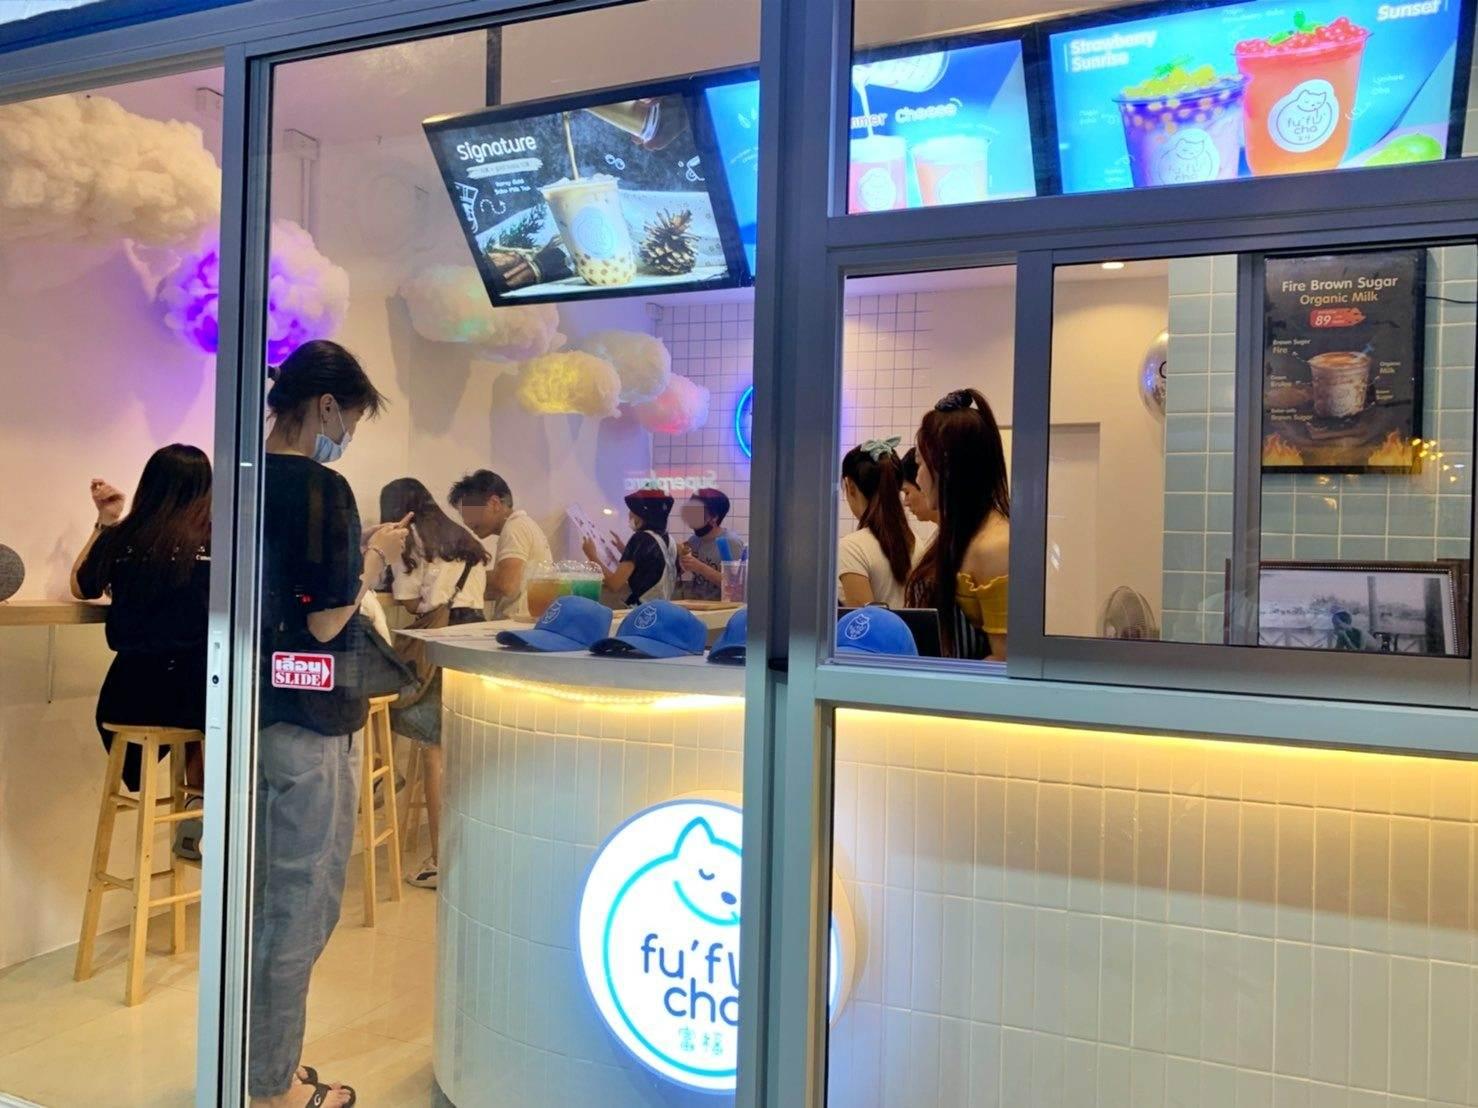 เซ้ง Cafe ‼️ ชานมไข่มุกไต้หวัน ขนมปังปิ้ง ในซอยหอการค้า @เขตดินแดง กทม.